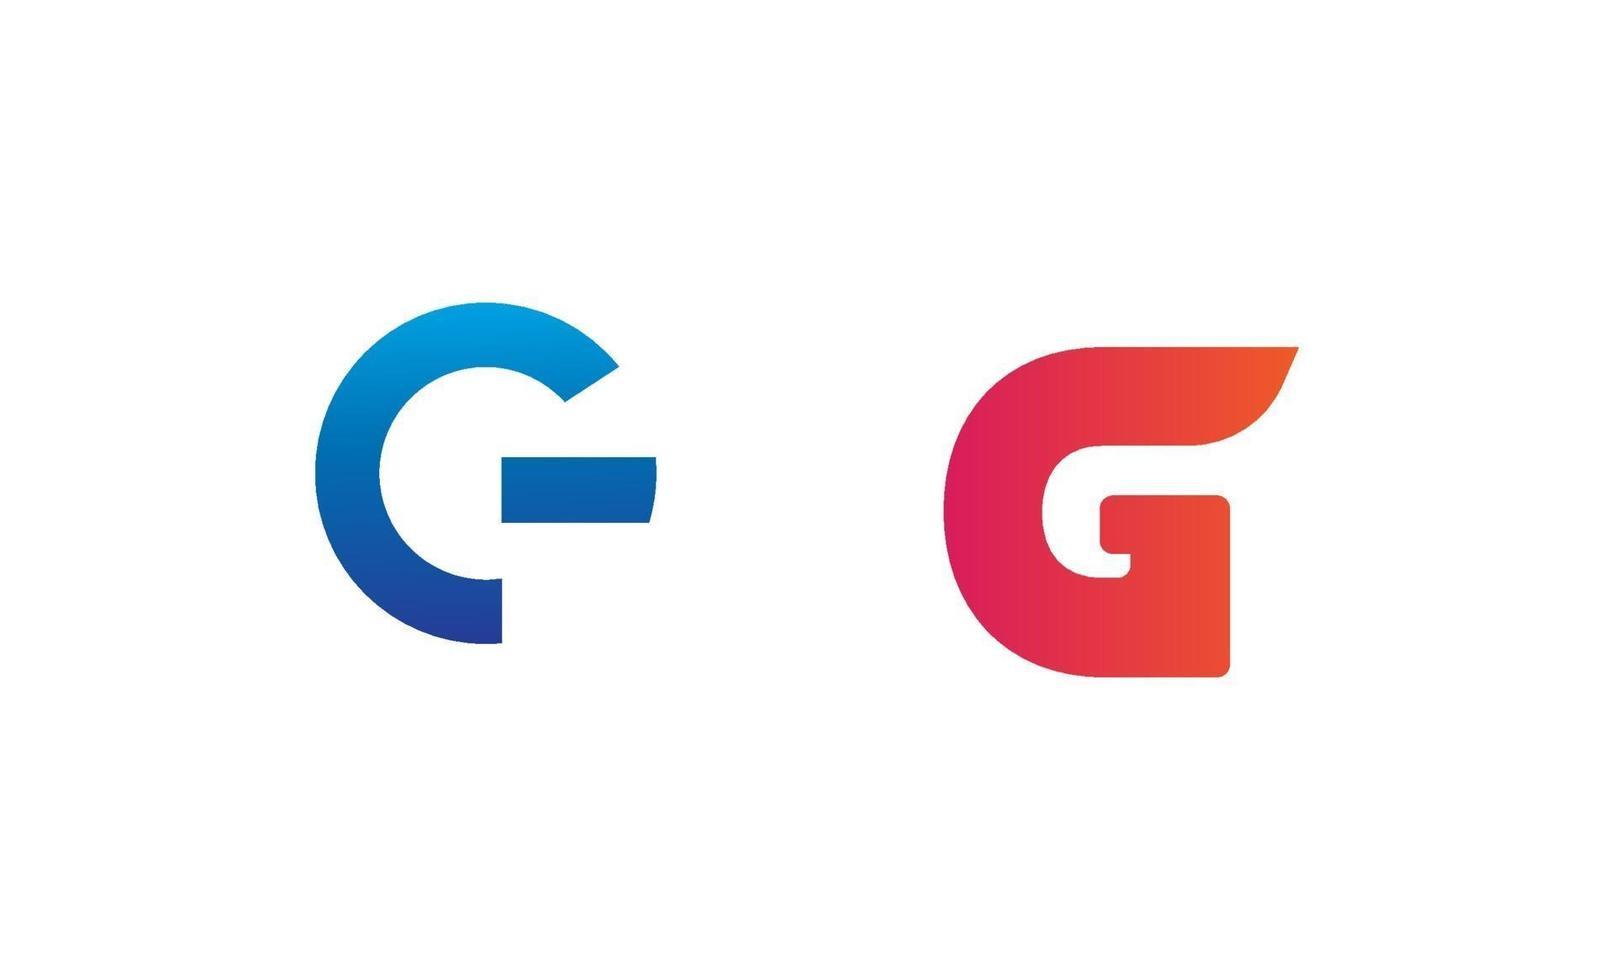 första g logo design vektor element isolerade